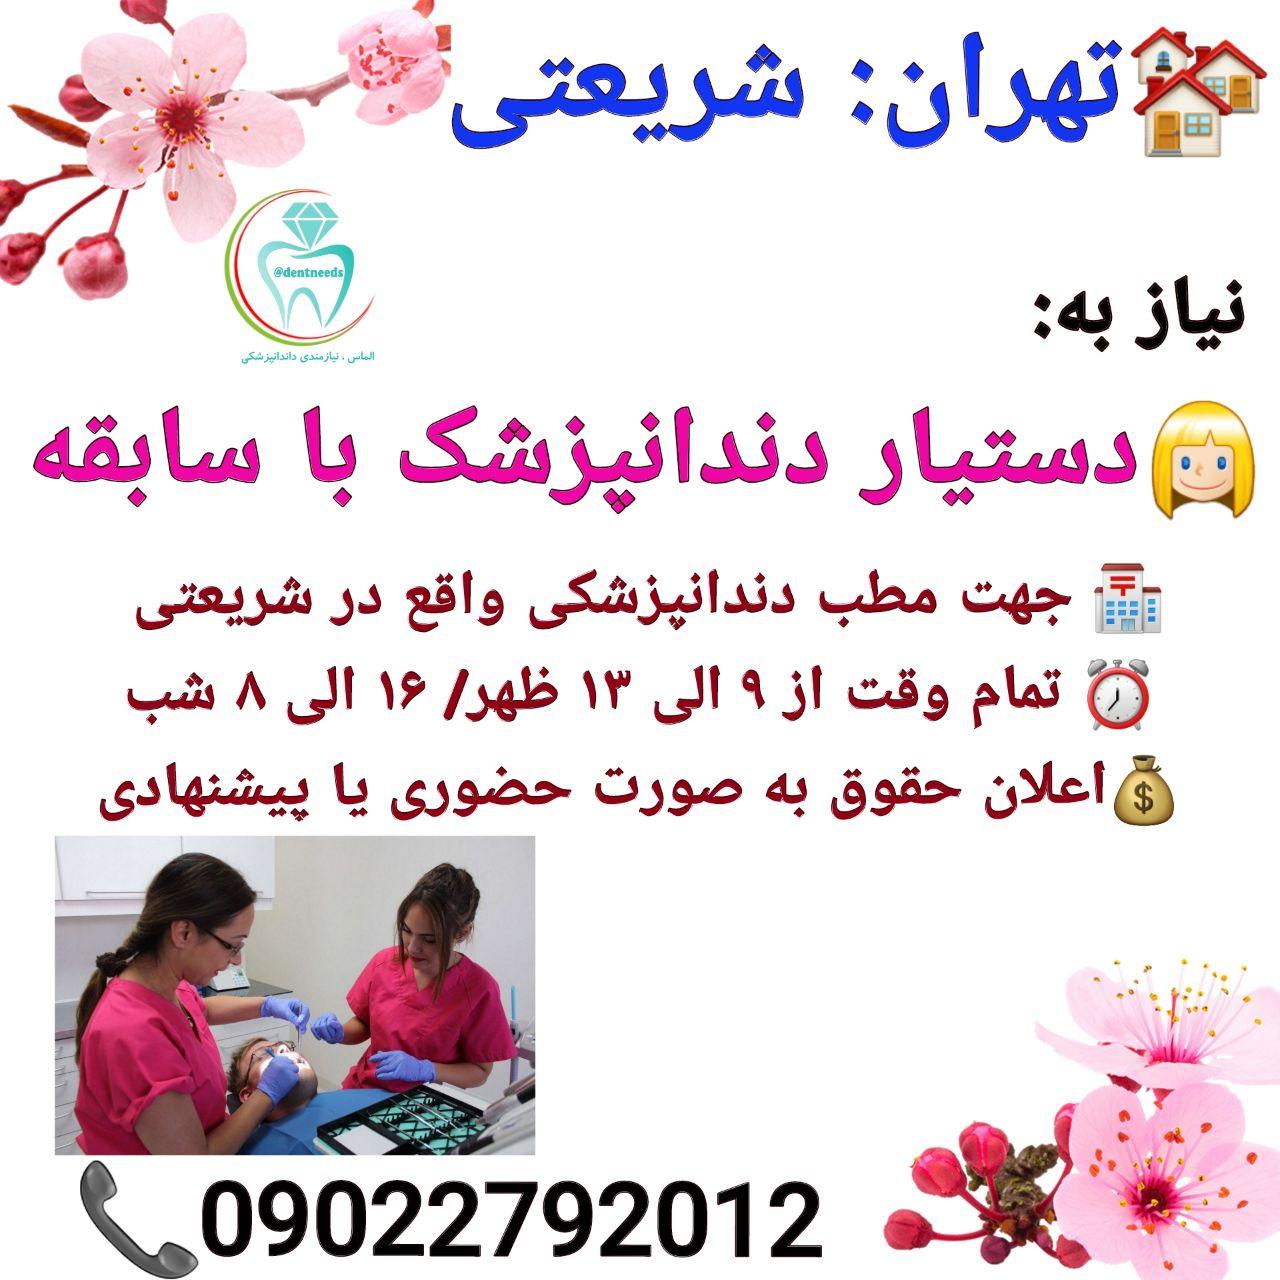 تهران: شریعتی، نیاز به دستیار دندانپزشک با سابقه